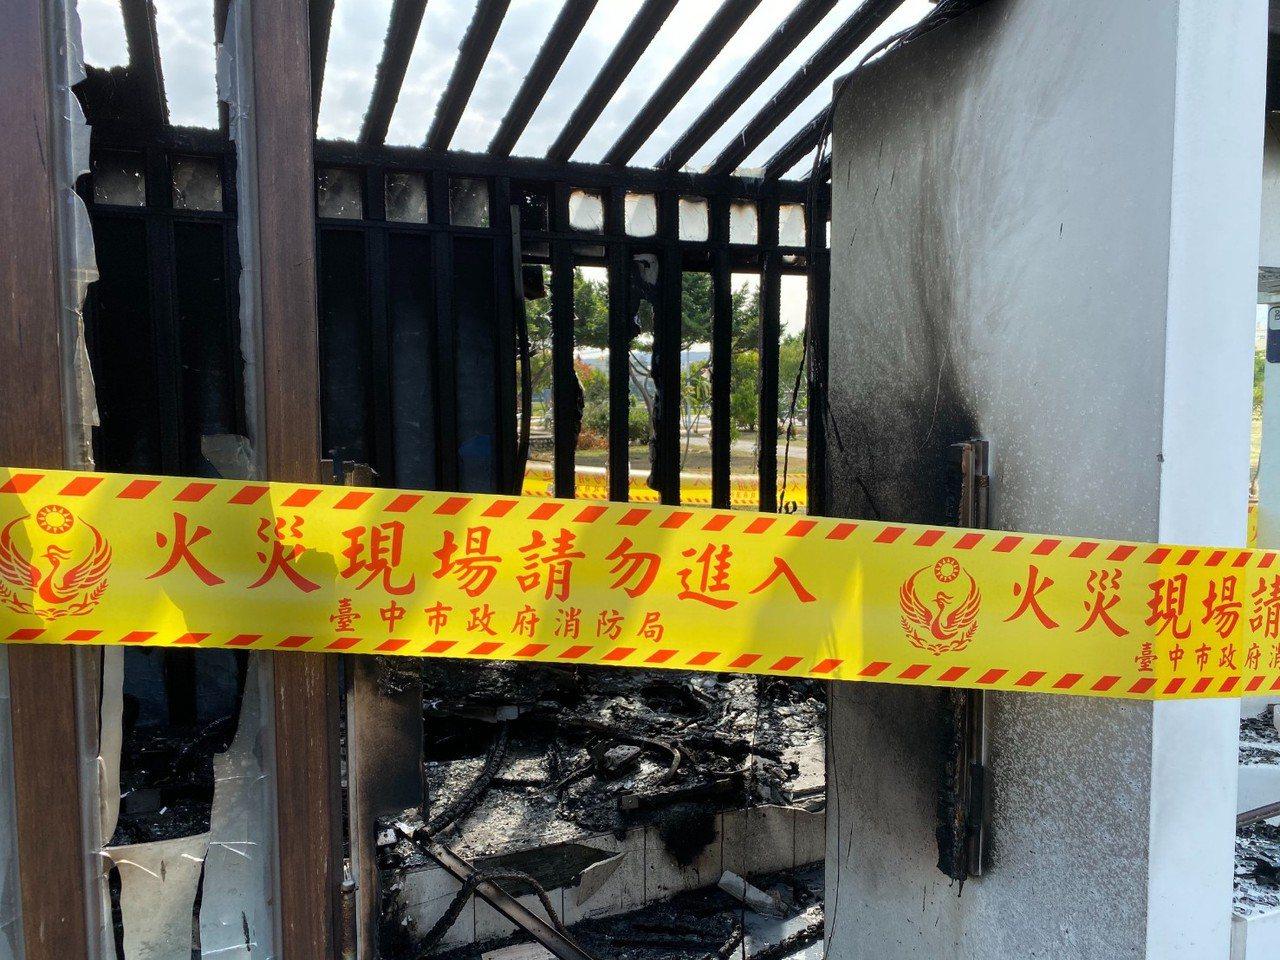 台中市清水區牛埔公園公廁的女廁今天發生火警,現場圍起封鎖線調查起火原因。記者游振...